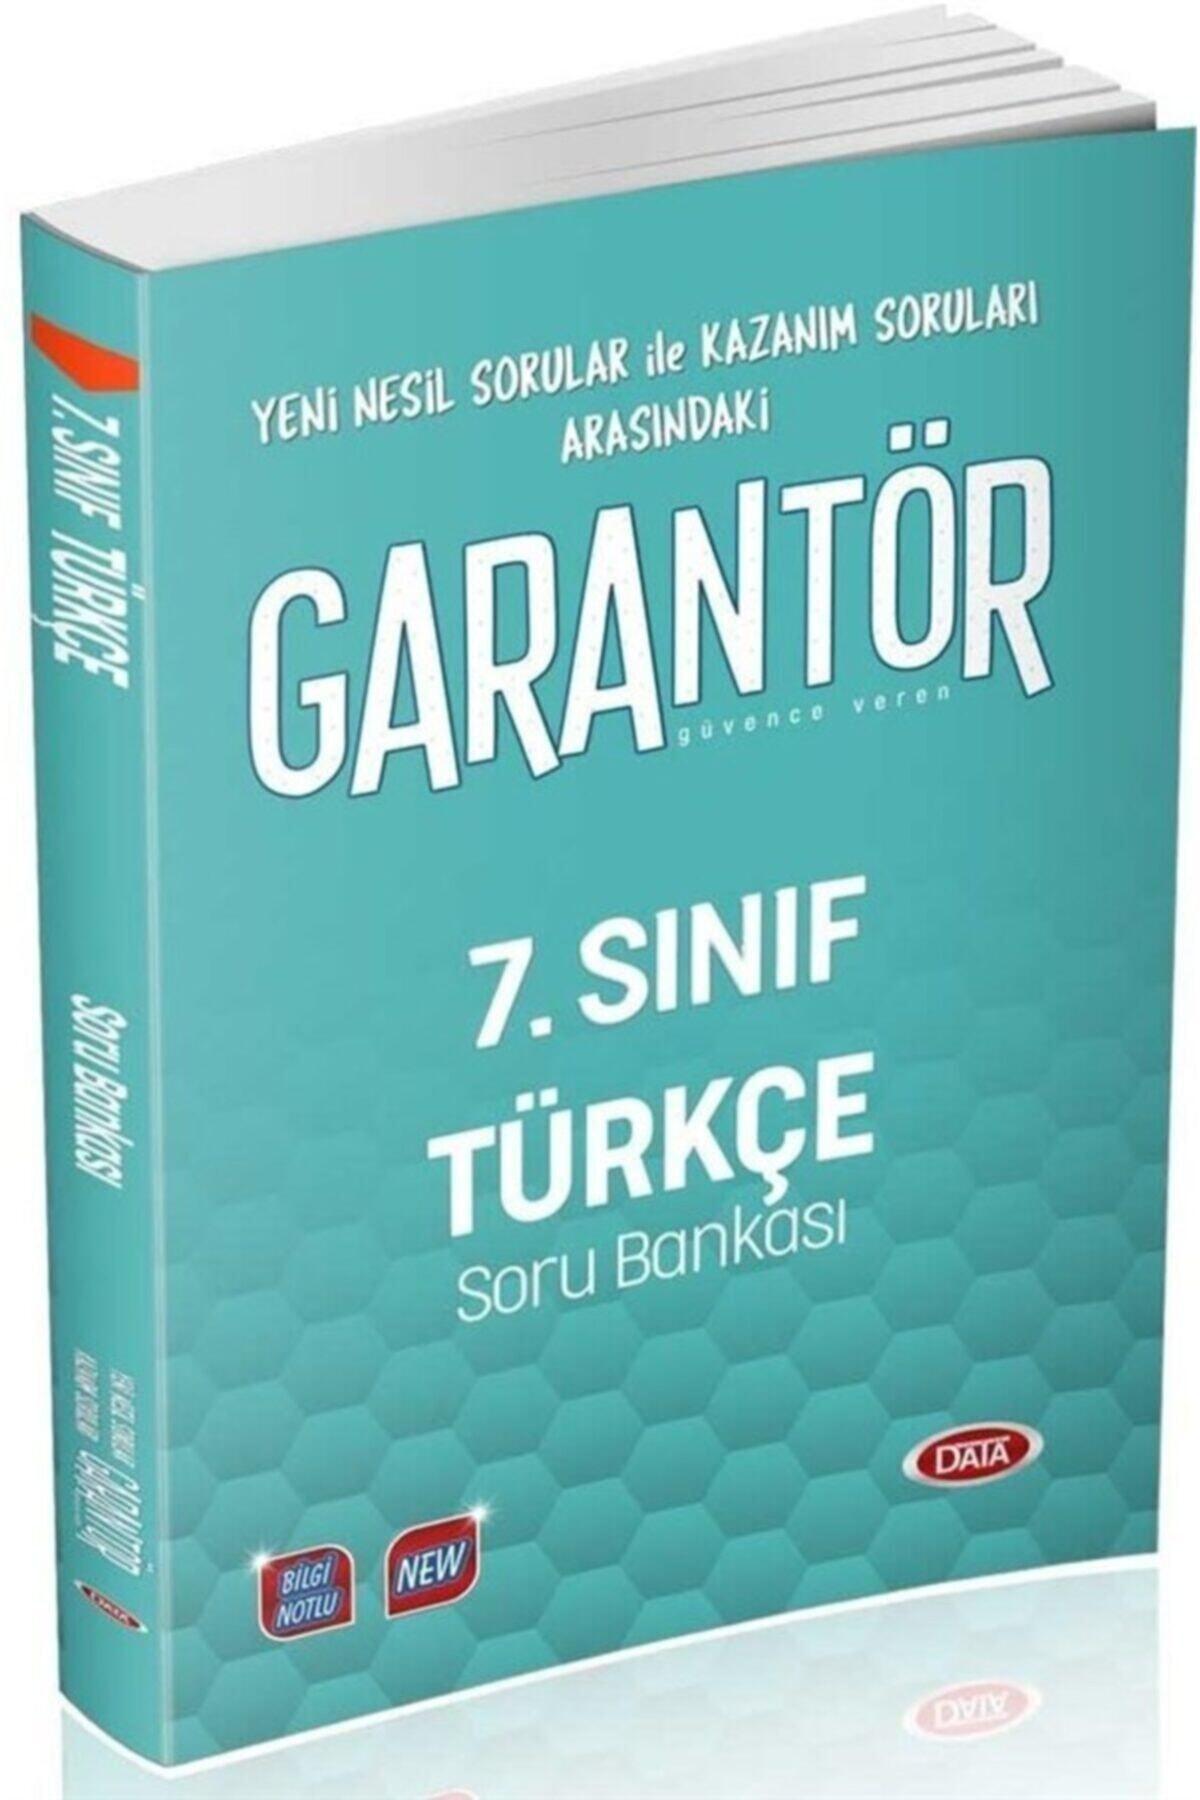 Data Yayınları 7.sınıf Garantör Türkçe Soru Bankası 1